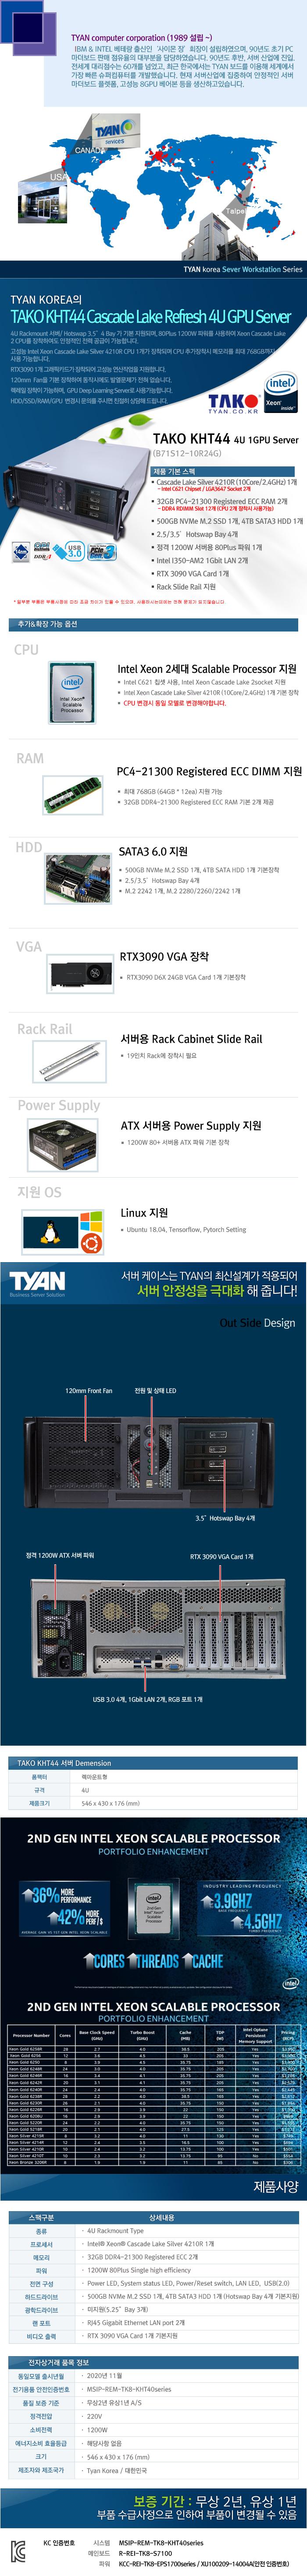 TYAN TAKO-KHT44-(B71S12-10R24G) 1GPU (32GB, M2 500GB + 4TB)